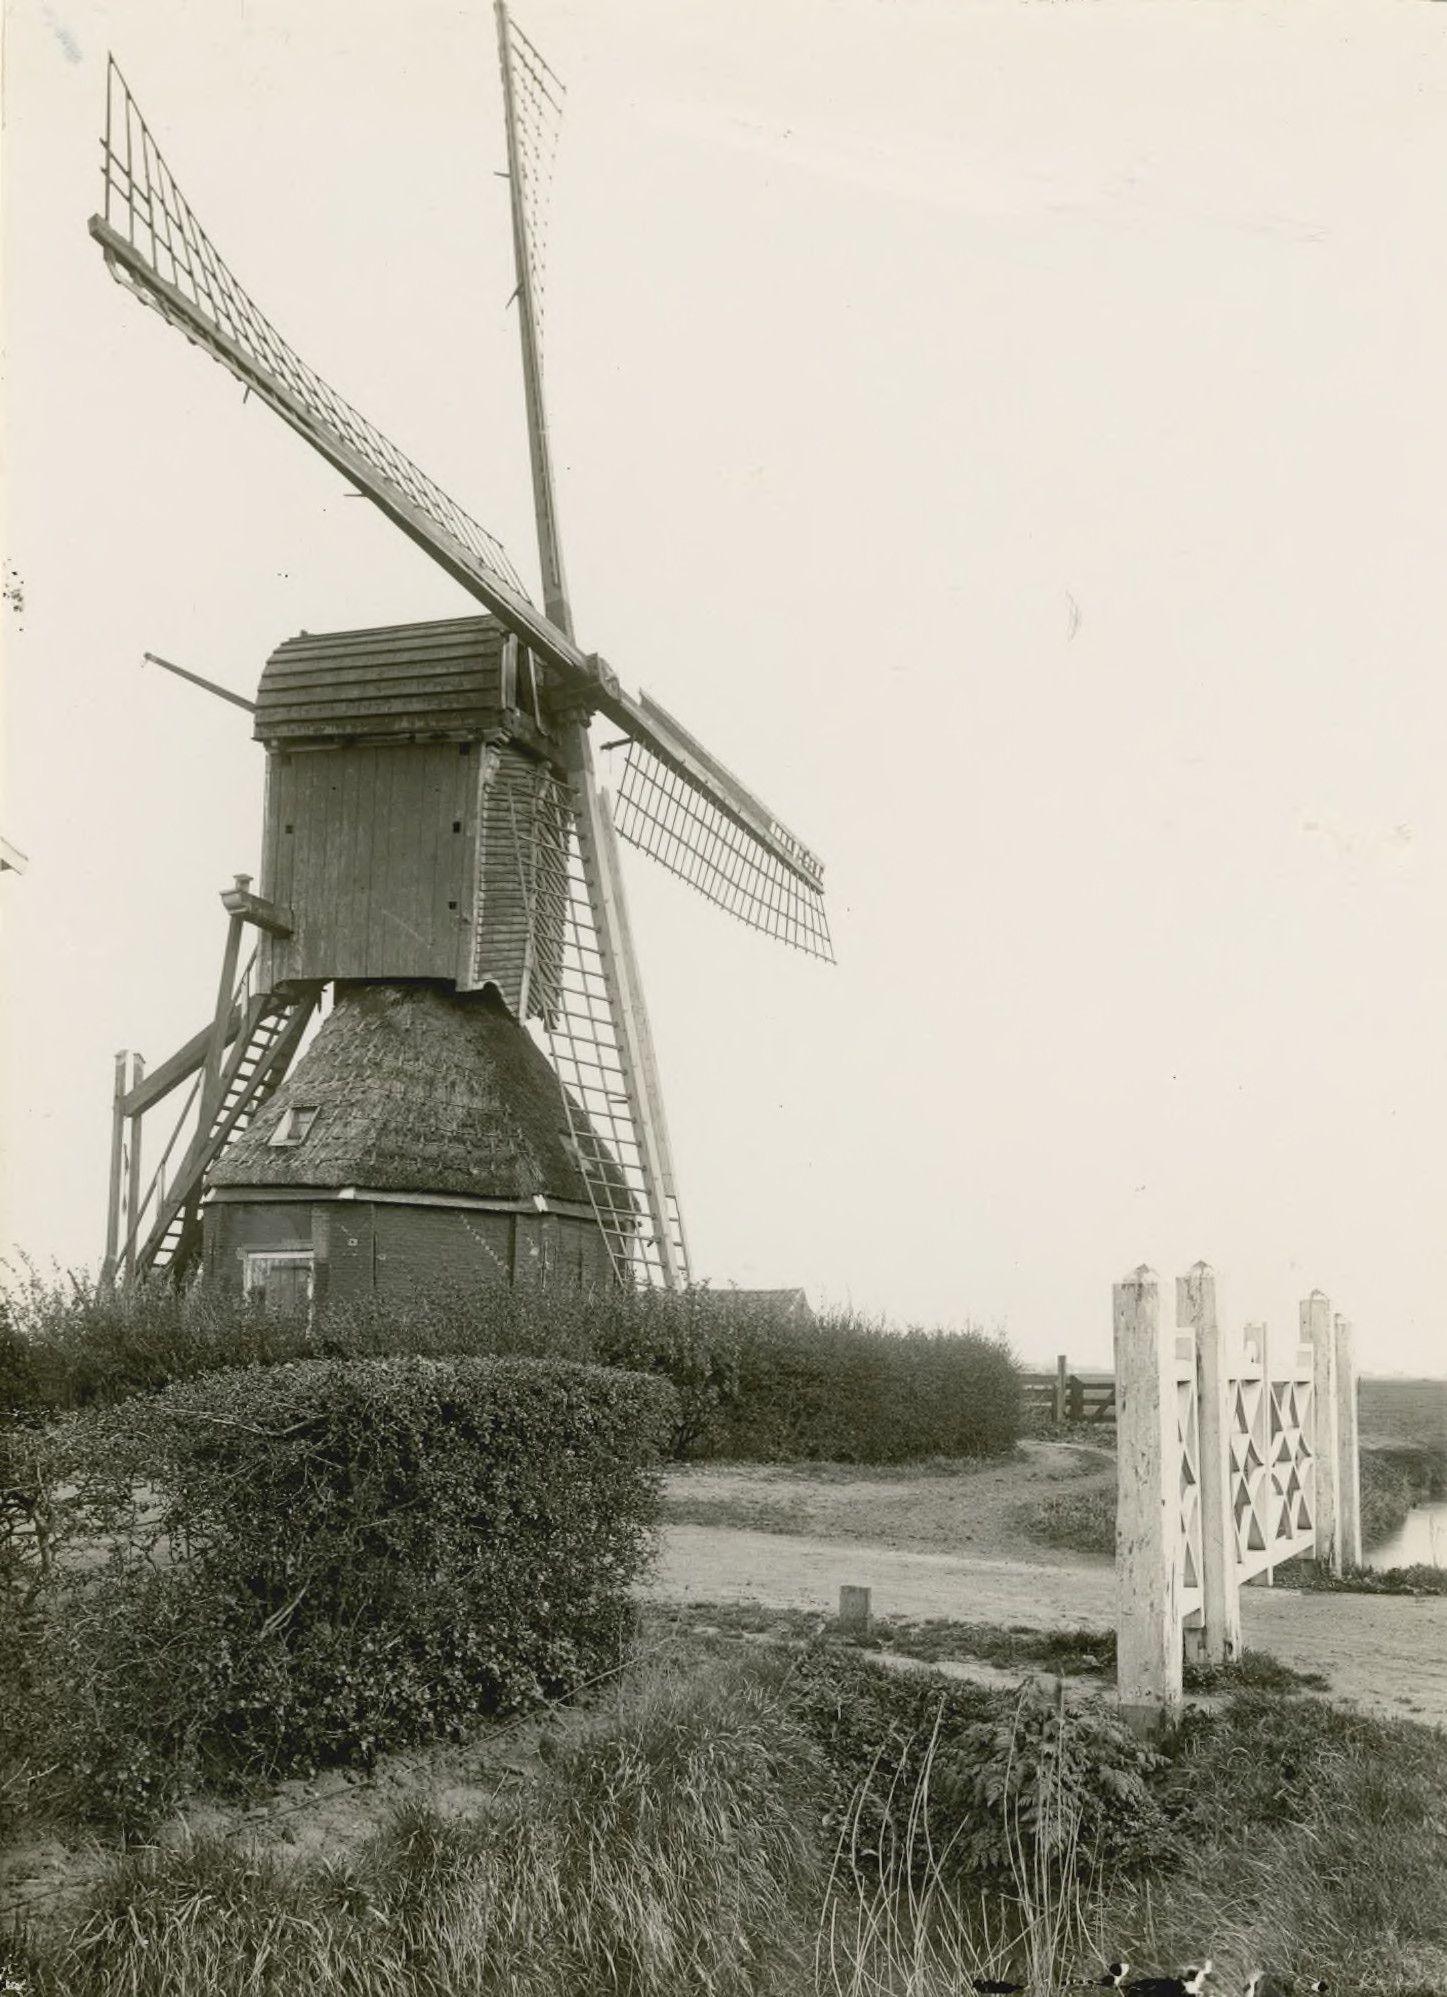 Wipmolen bij Noordwelle, circa 1910 (Zeeuws Archief, KZGW, Zelandia Illustrata). De inmiddels scheefgezakte molen werd in 1924 wegens bouwvalligheid gesloopt. Huis en bijgebouwen verdwenen als gevolg van de watersnoodramp van 1953. Met het omvallen in 1945 van de standerdmolen in Brouwershaven zijn beide typen molens geheel van Schouwen-Duiveland verdwenen.